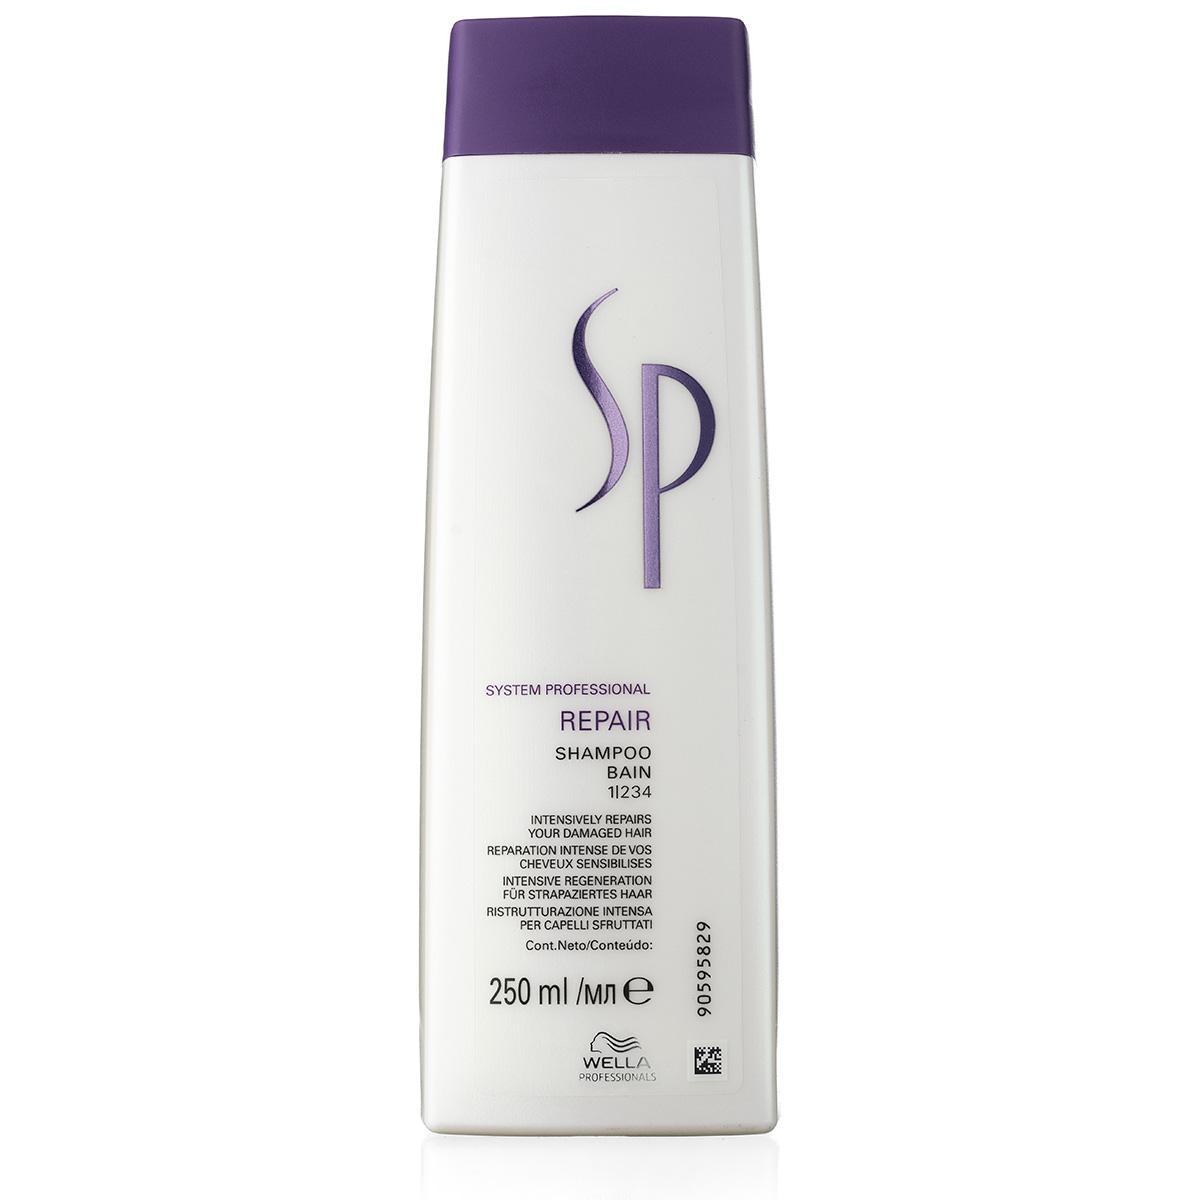 Wella SP Repair Shampoo - 250 ml